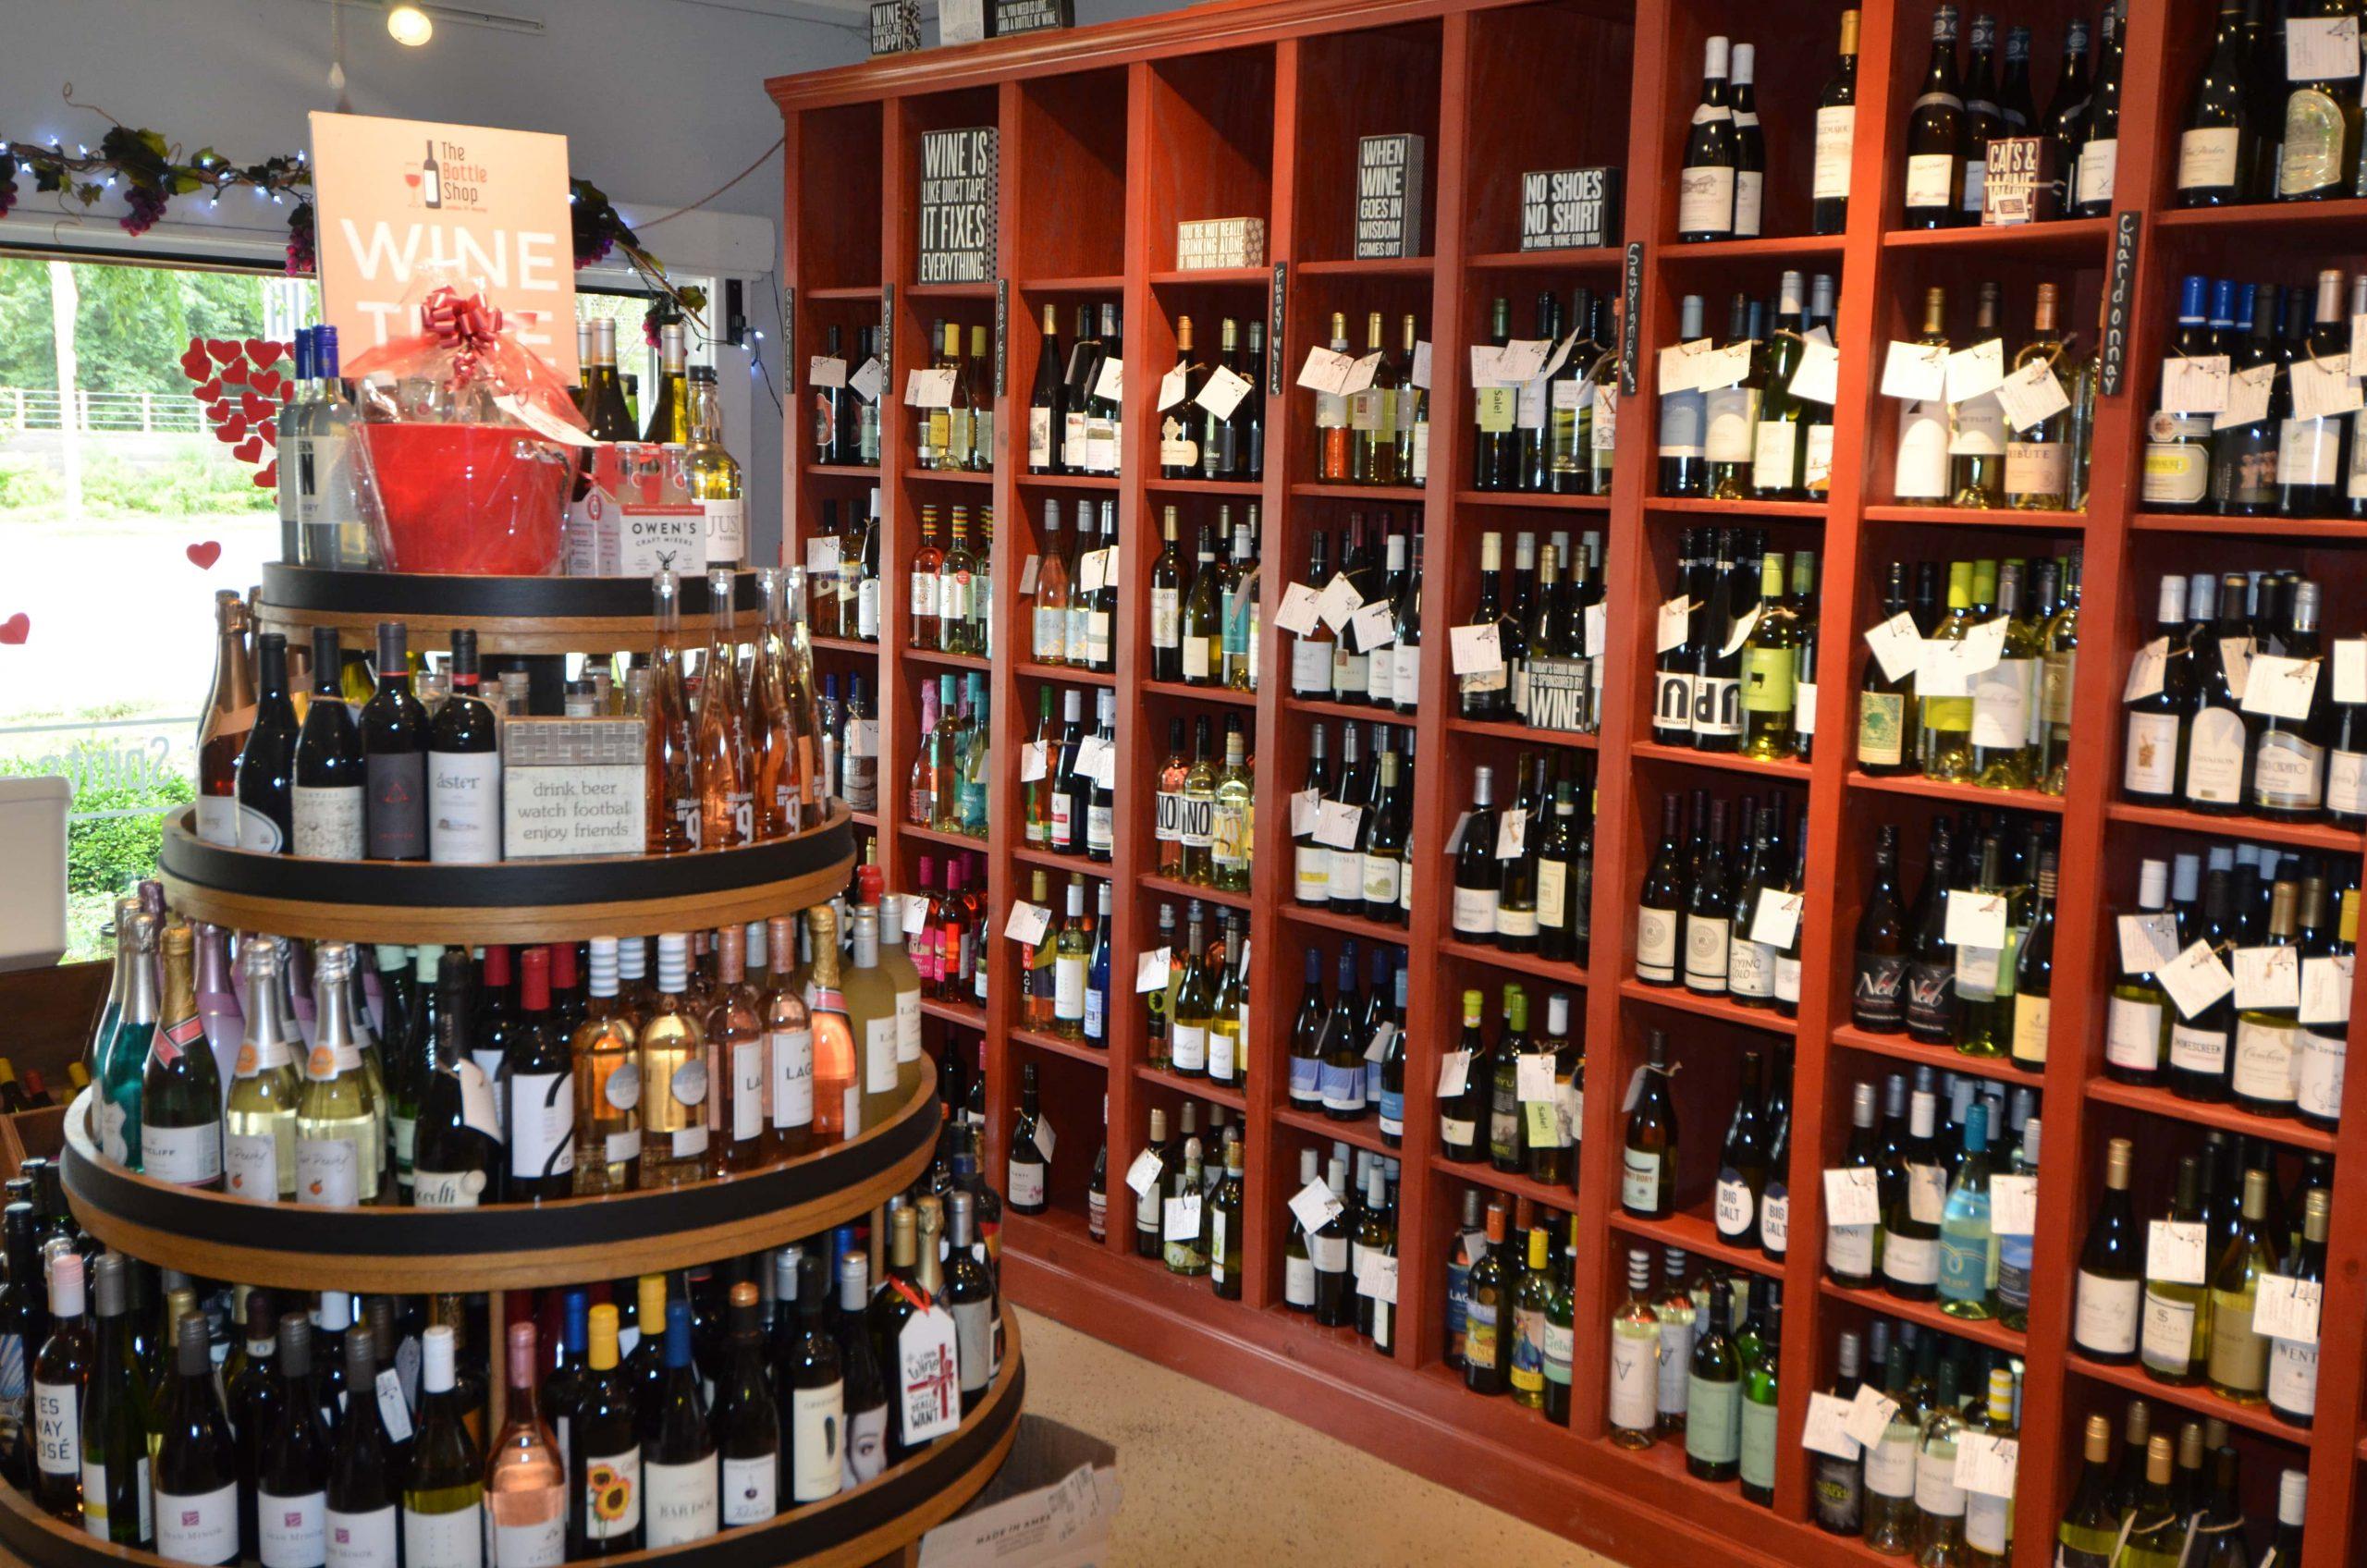 More shelf